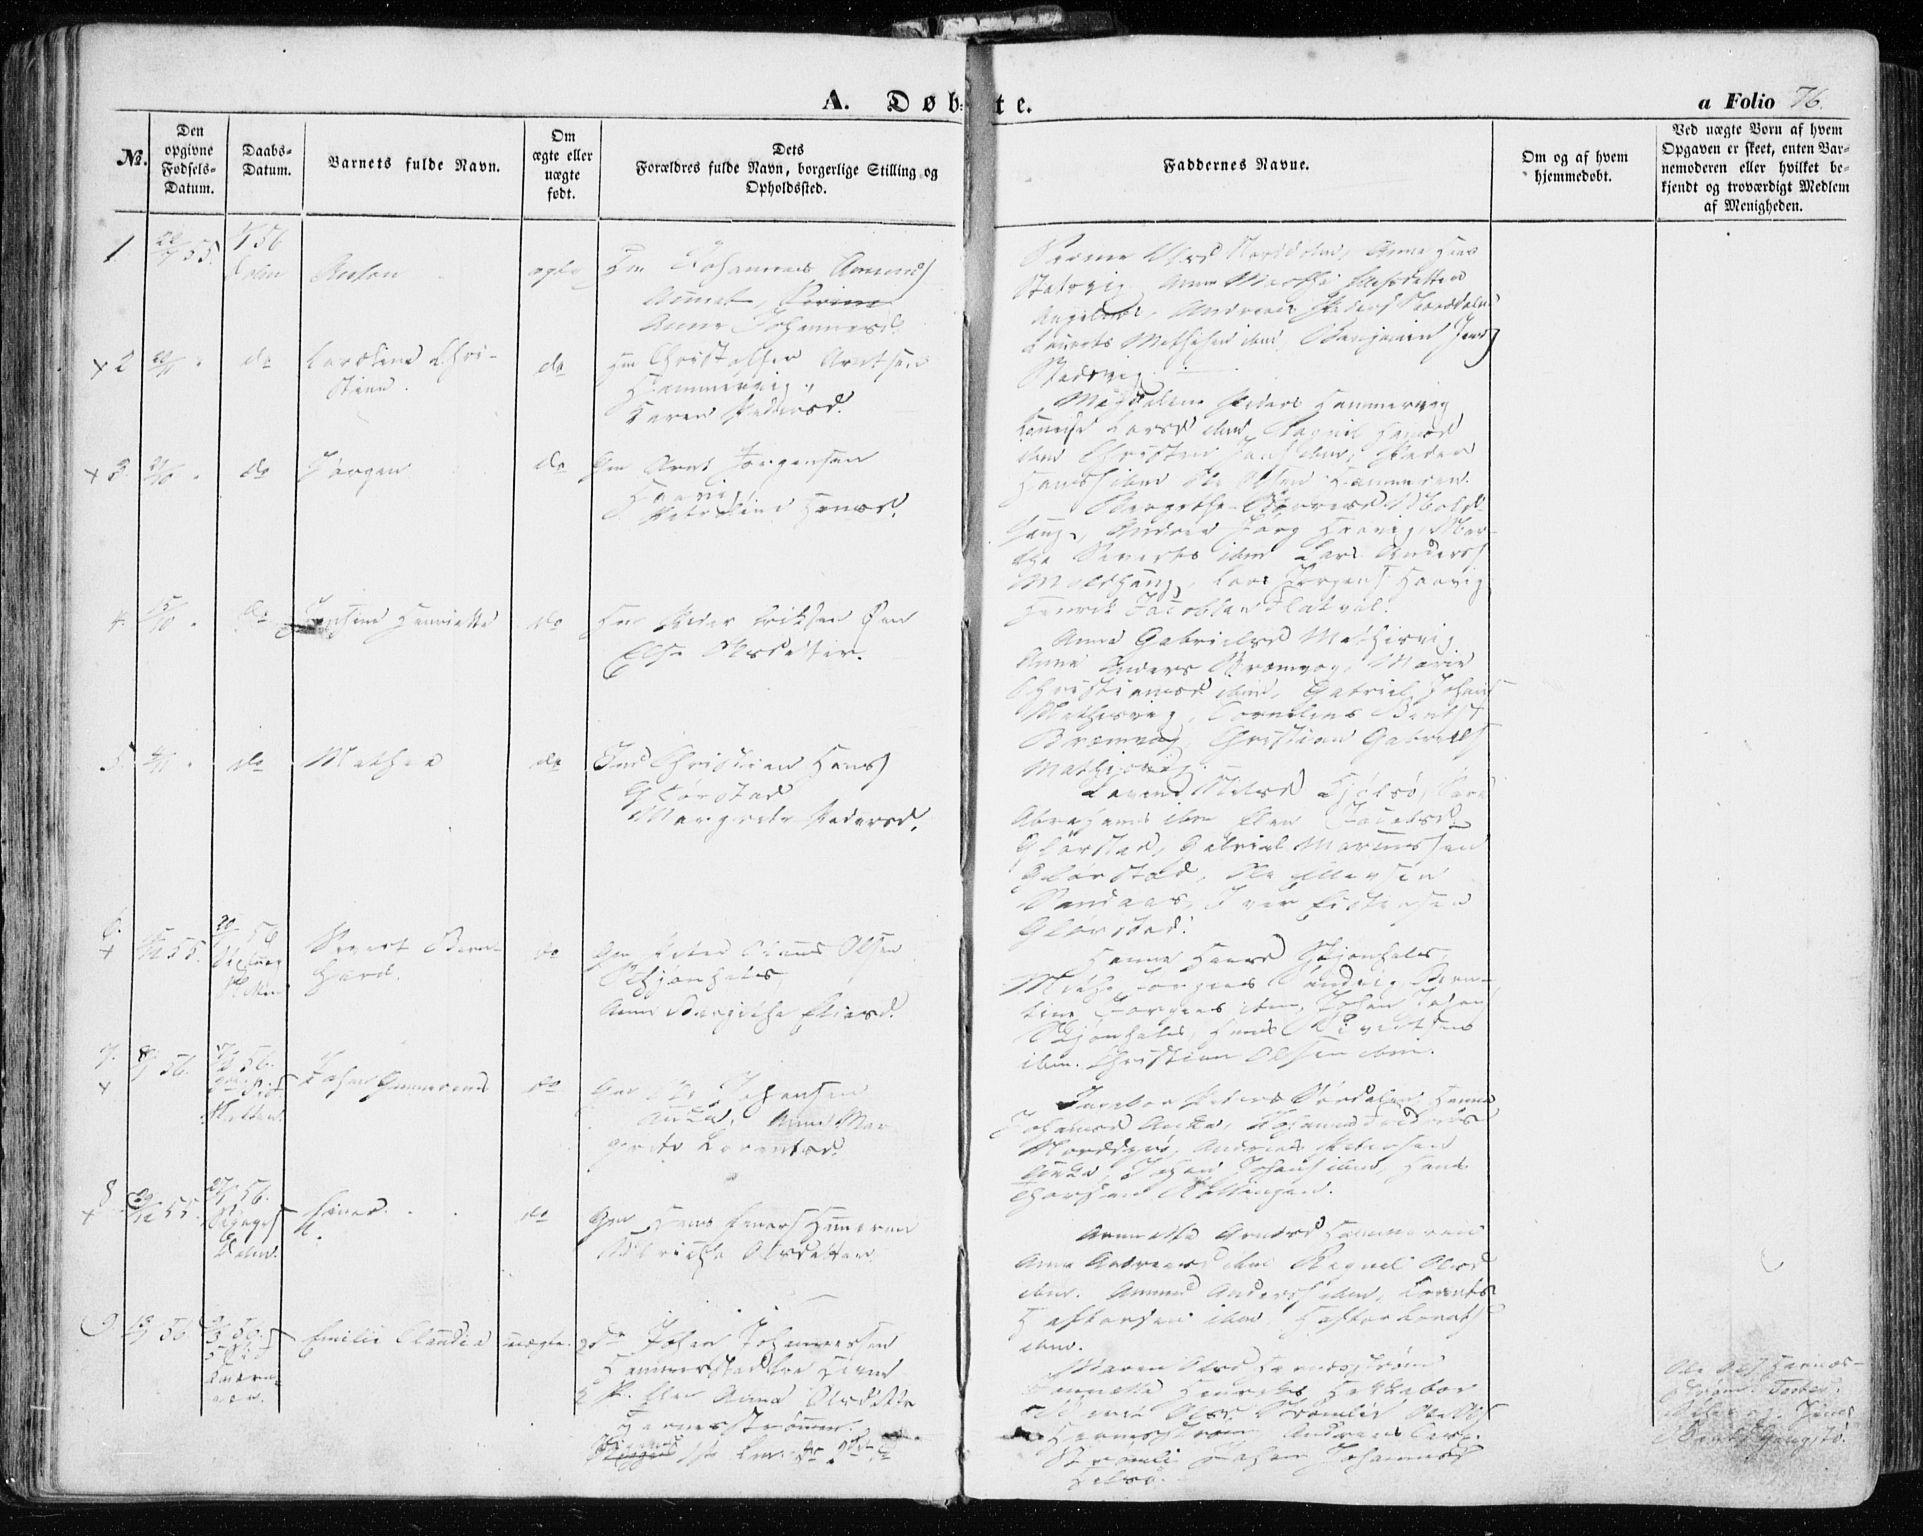 SAT, Ministerialprotokoller, klokkerbøker og fødselsregistre - Sør-Trøndelag, 634/L0530: Ministerialbok nr. 634A06, 1852-1860, s. 76